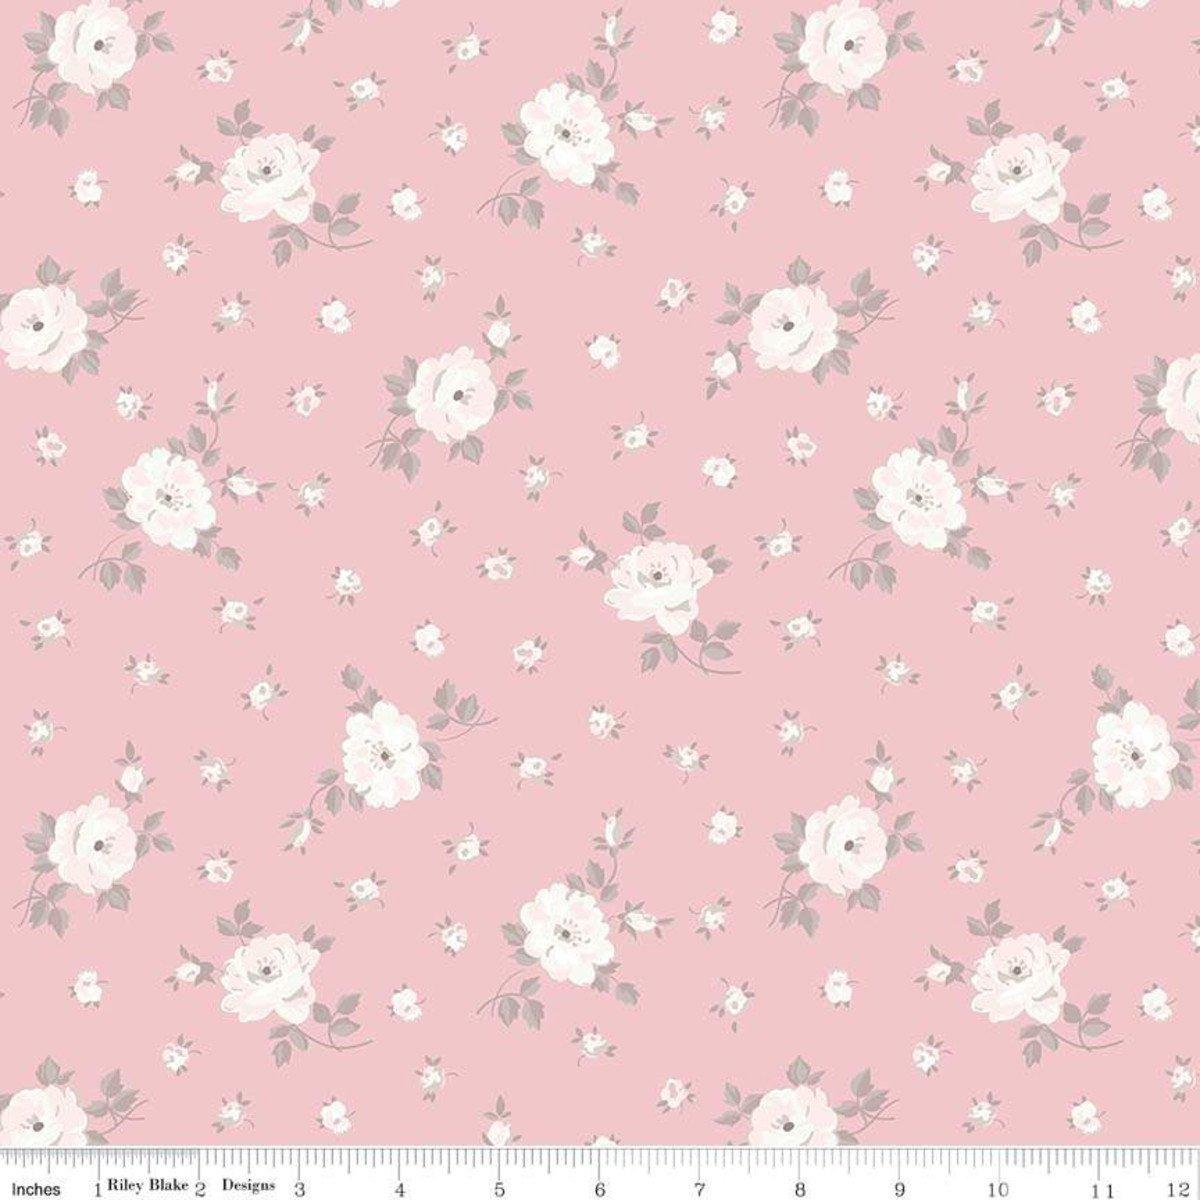 C7685-PINK_Floral Toss Rose Garden